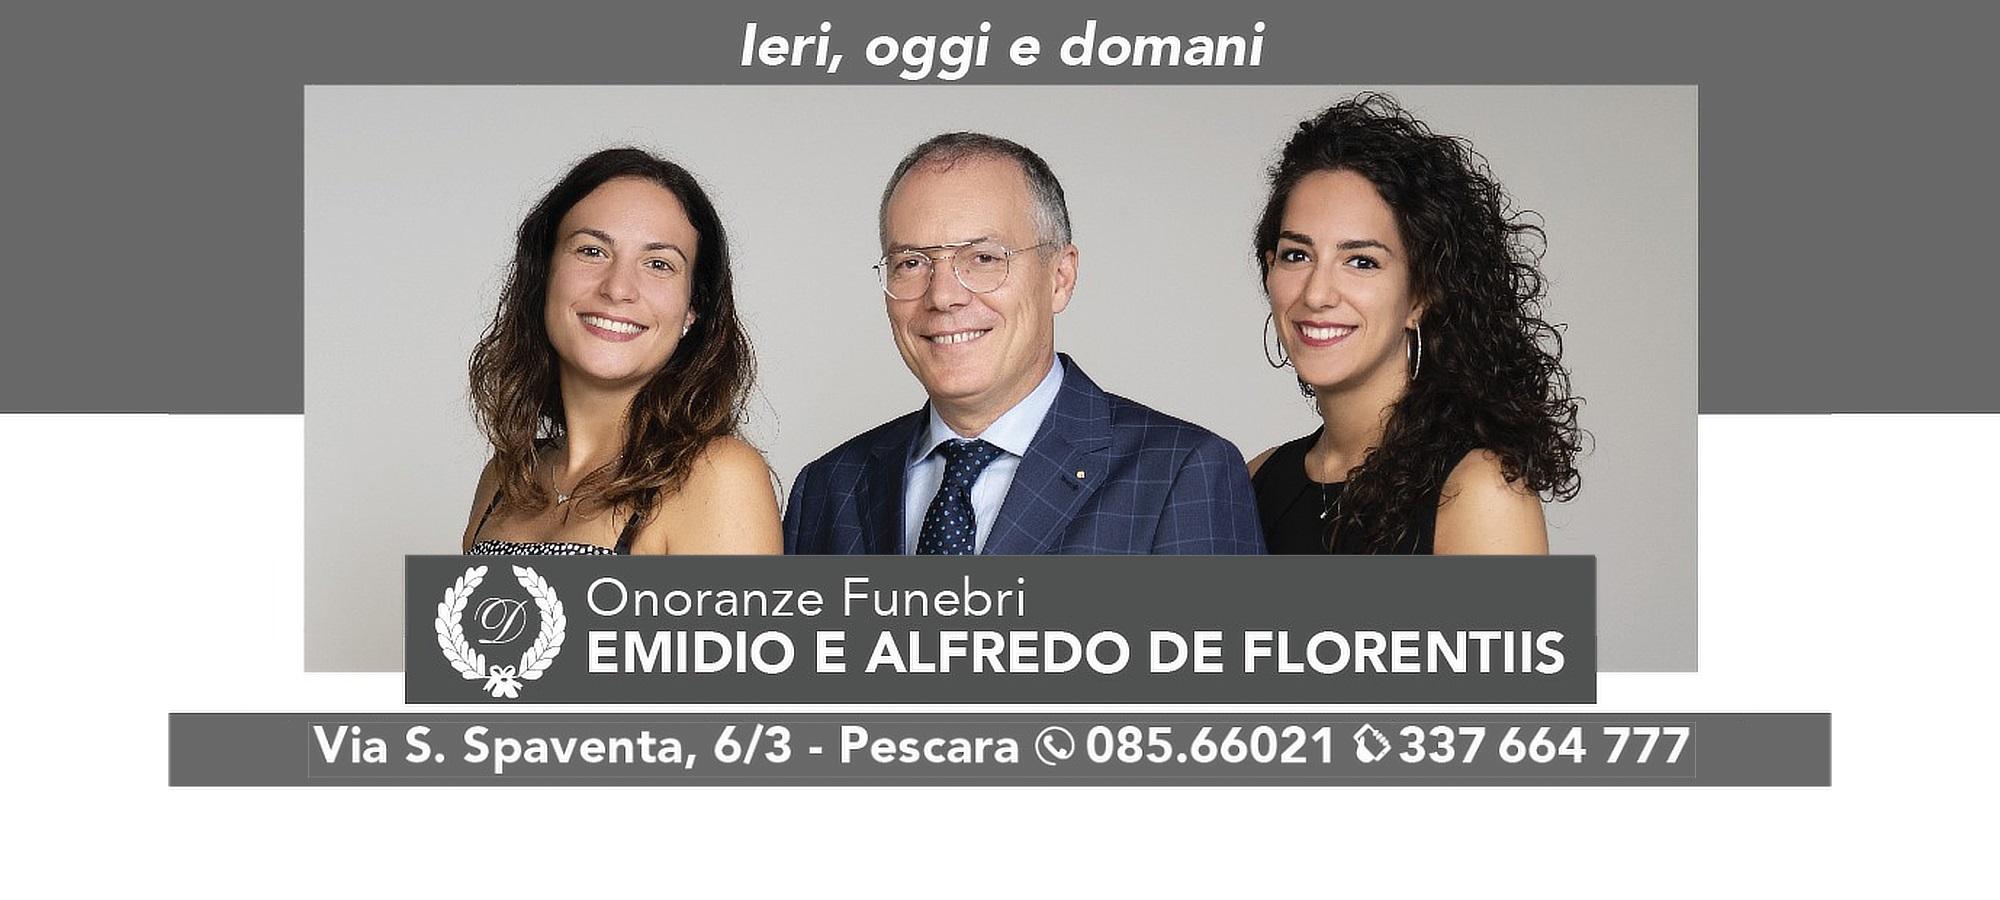 Emidio e Alfredo De Florentiis